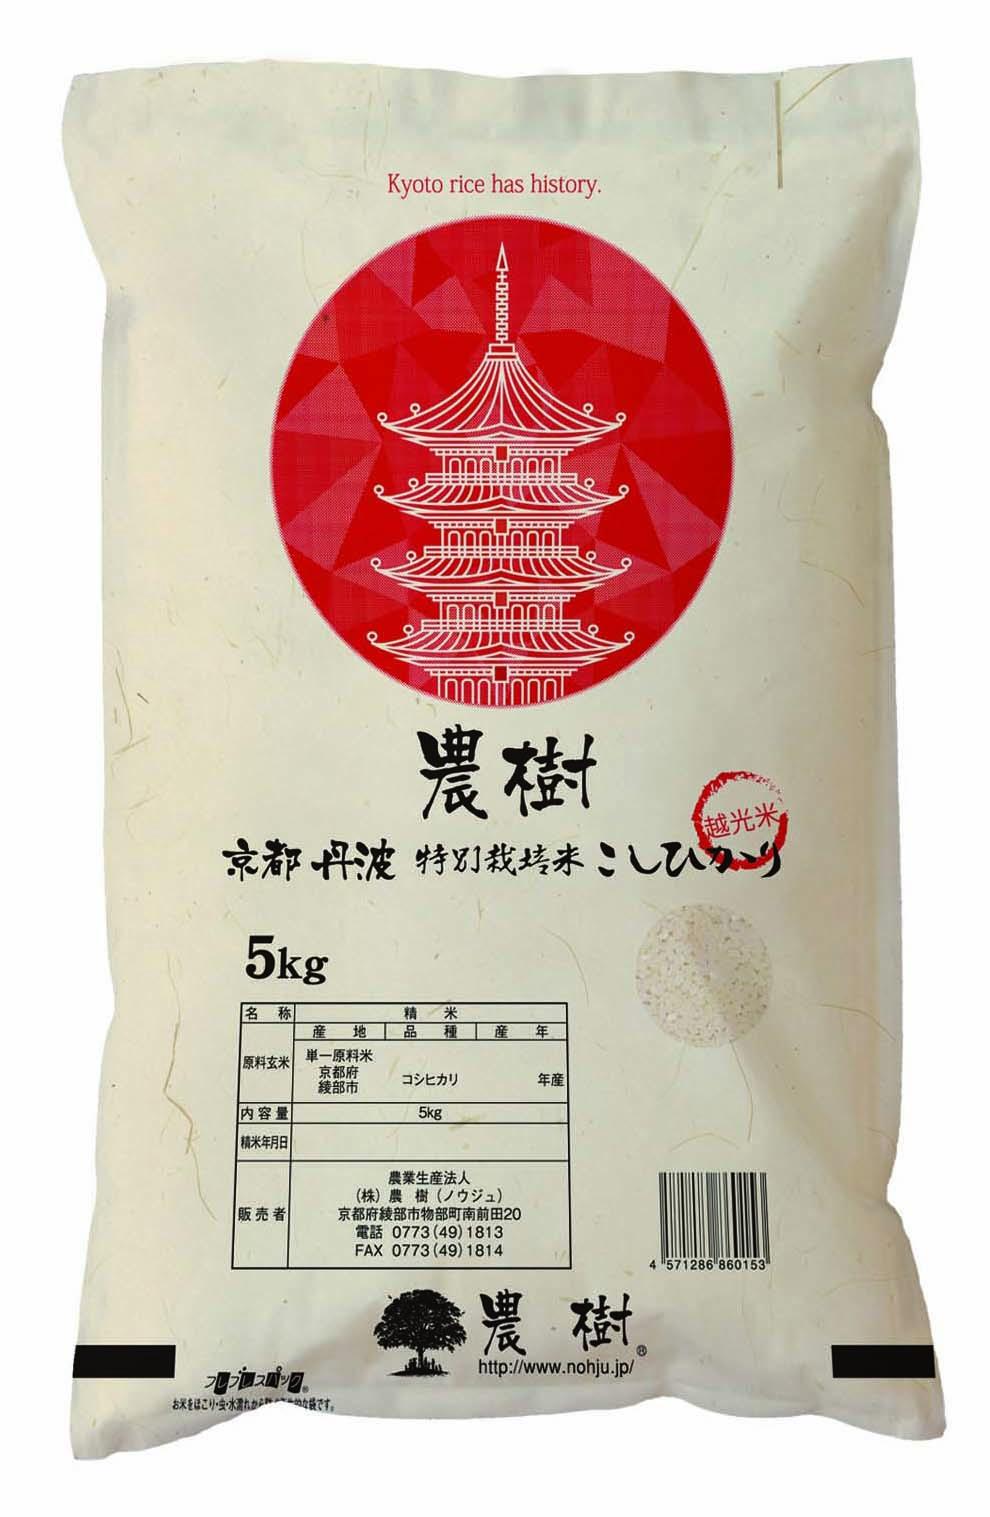 農樹コシヒカリ/Kyoto rice has history 5kg